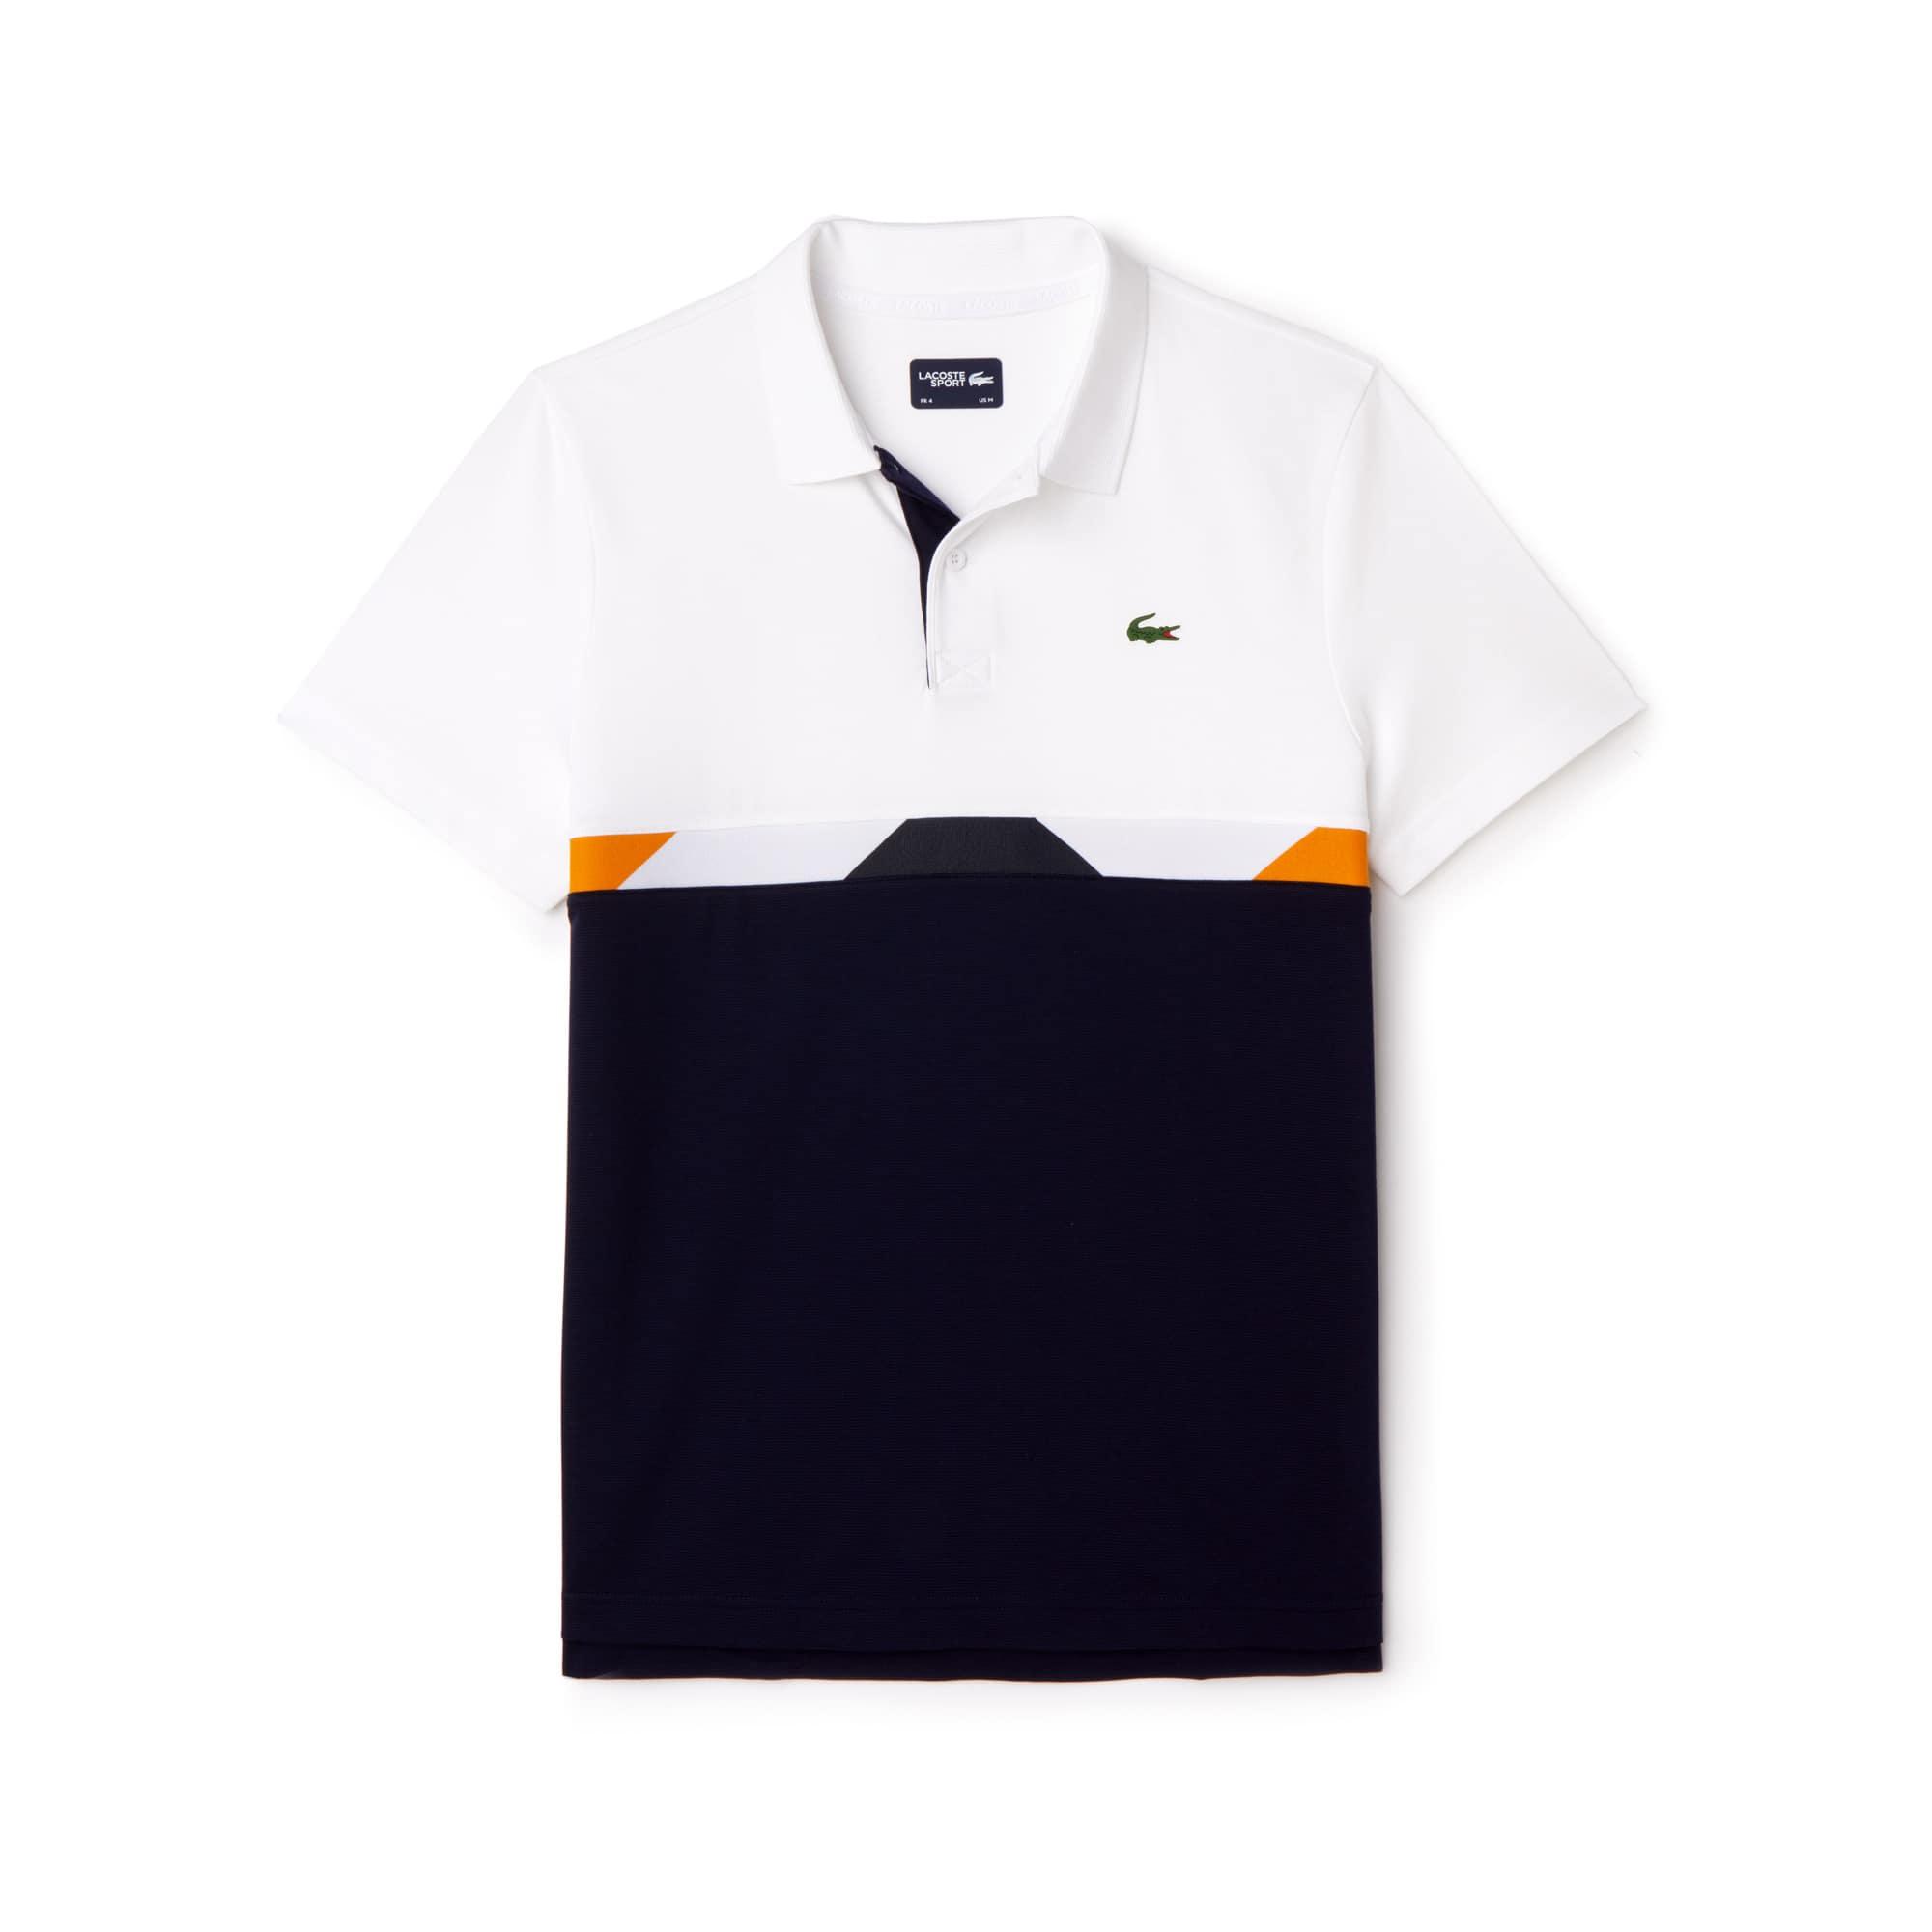 Polo Tennis Lacoste SPORT em algodão superleve com faixa color block